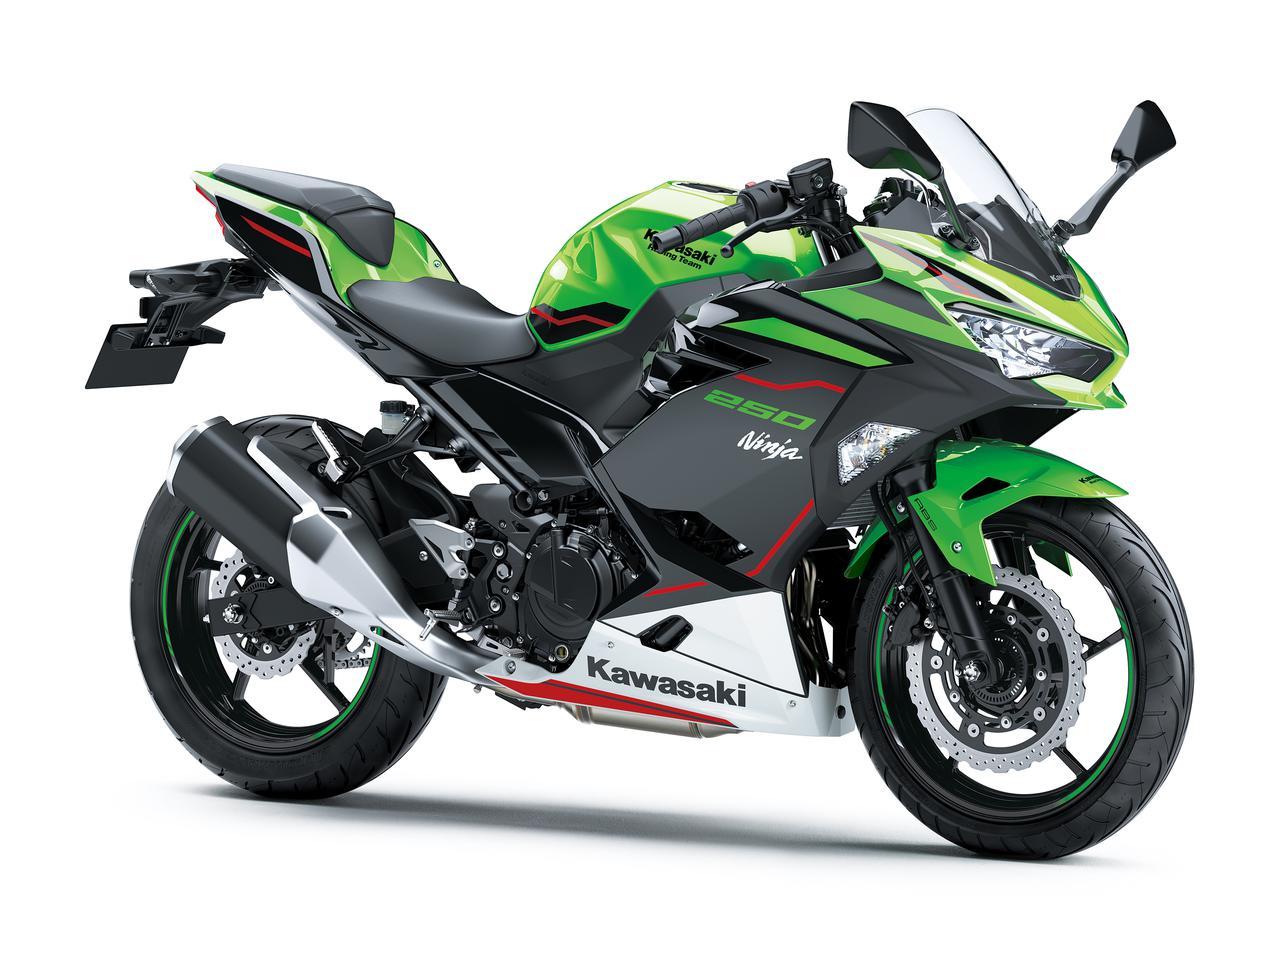 画像8: カワサキが「Ninja250」の2021年モデルを発売! カラーはKRTエディションを含め2色の設定